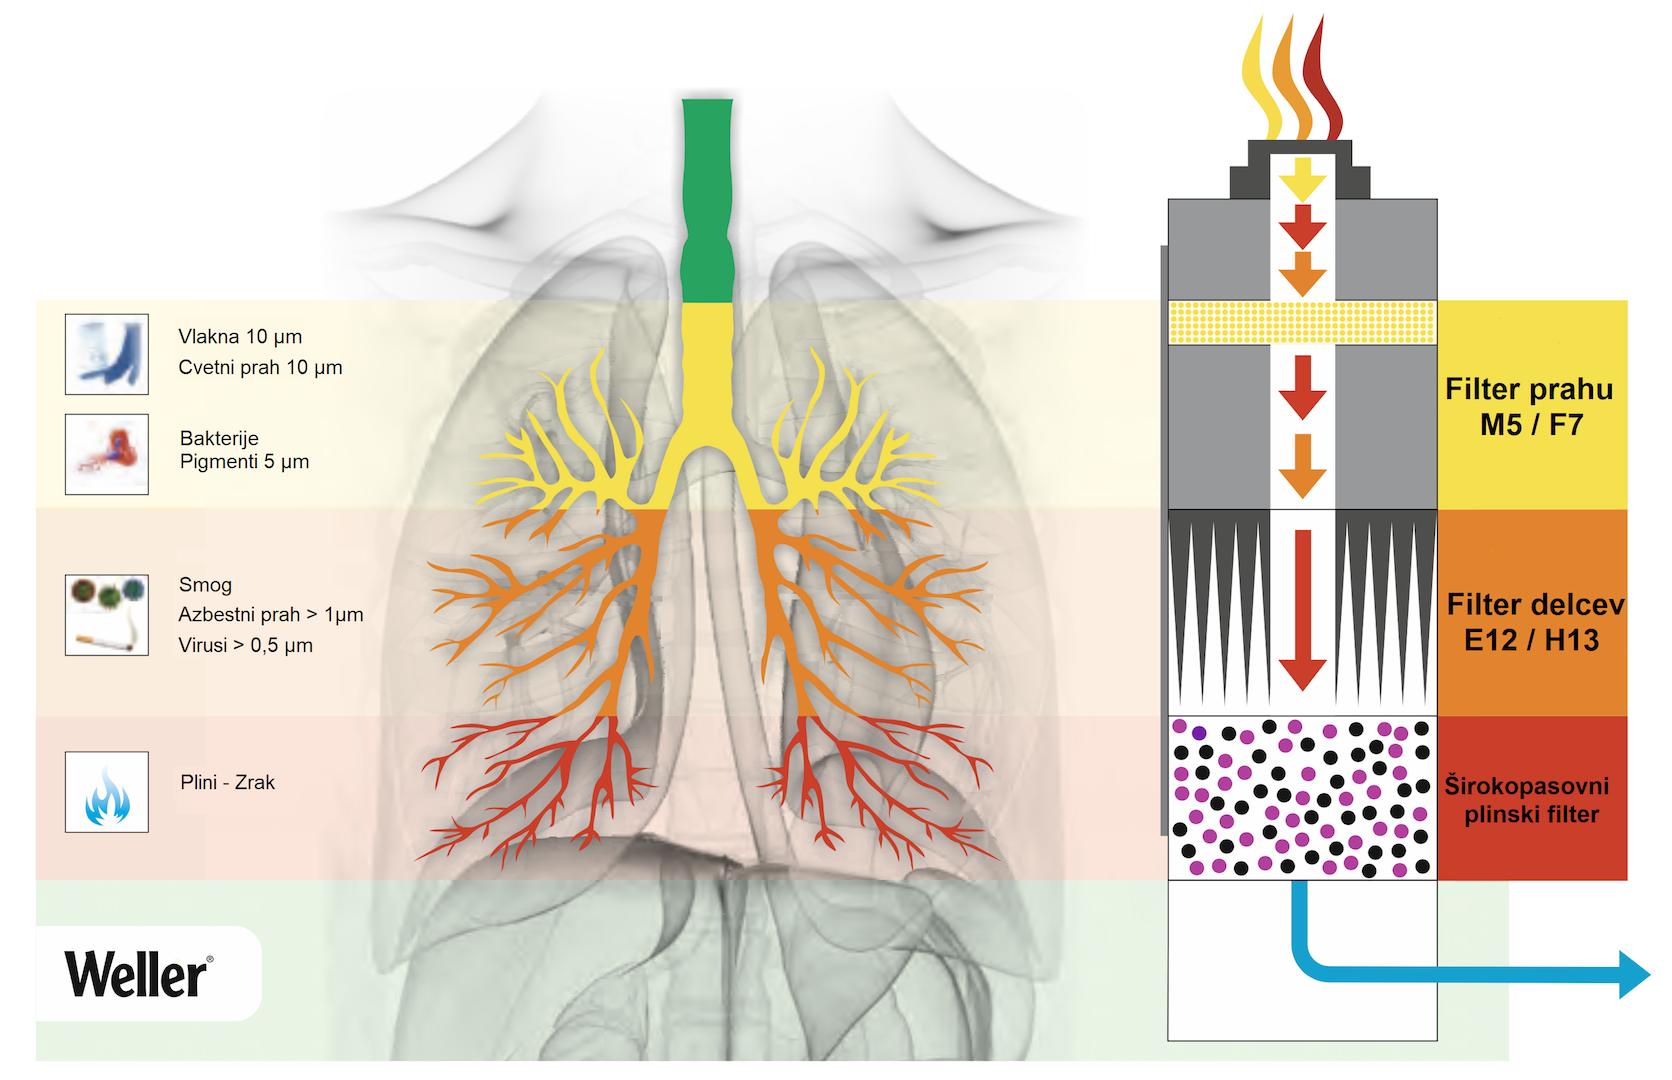 Zdrav delovni prostor – Odsesavanje dima in hlapov2